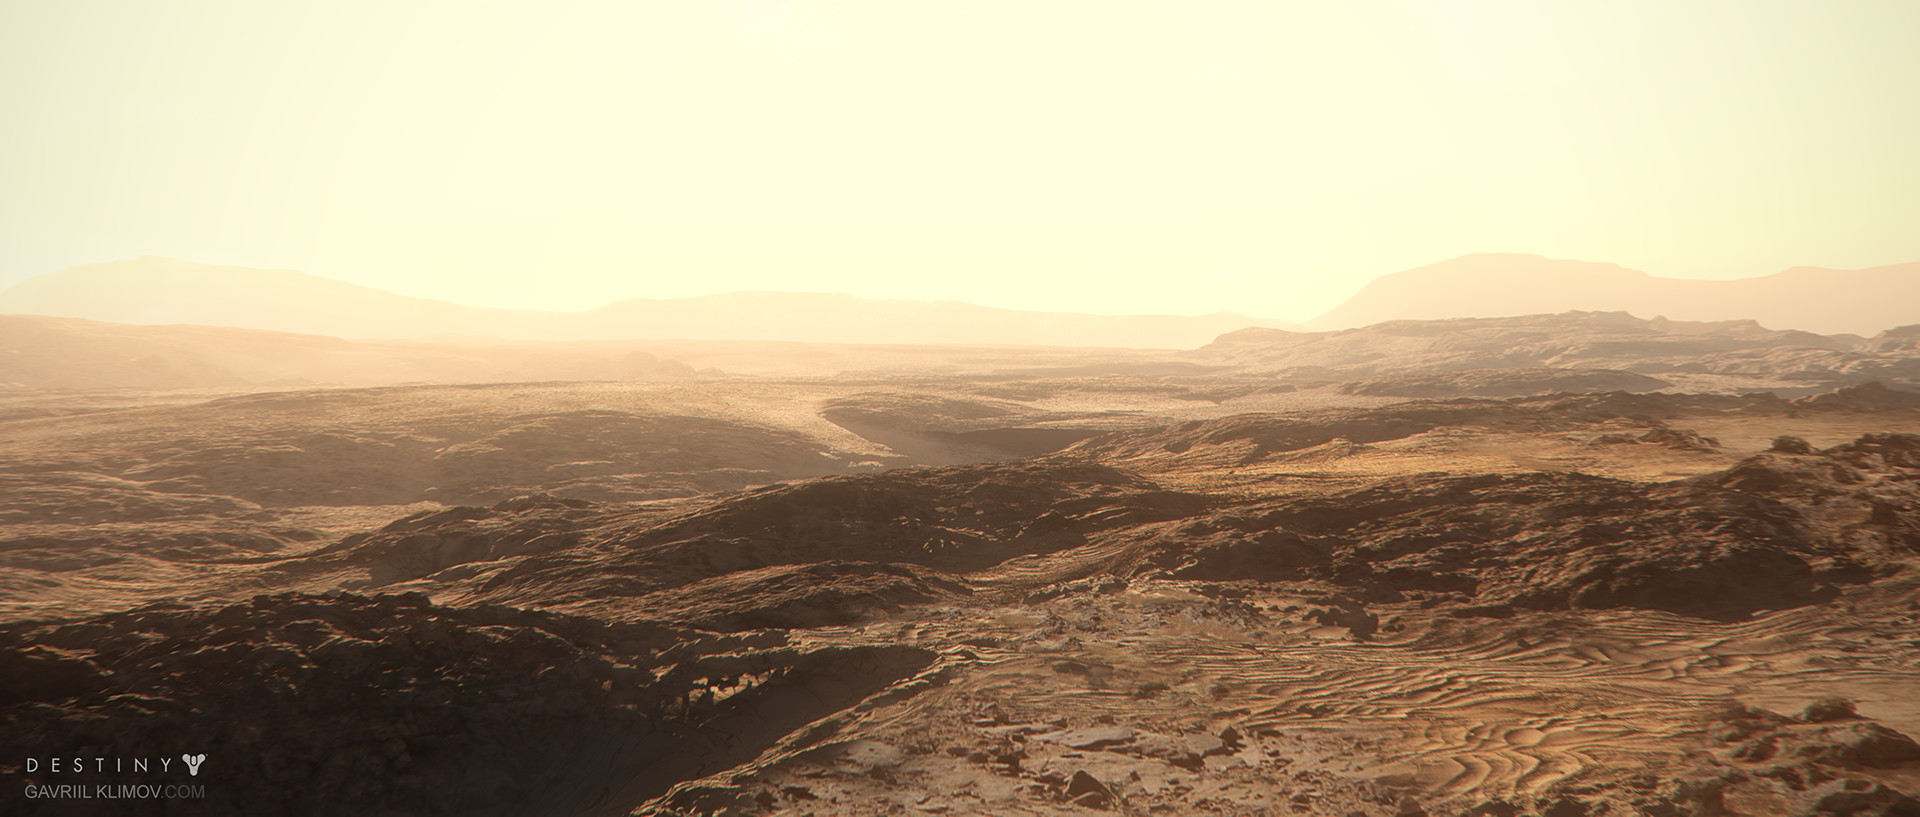 Landscape concept shot